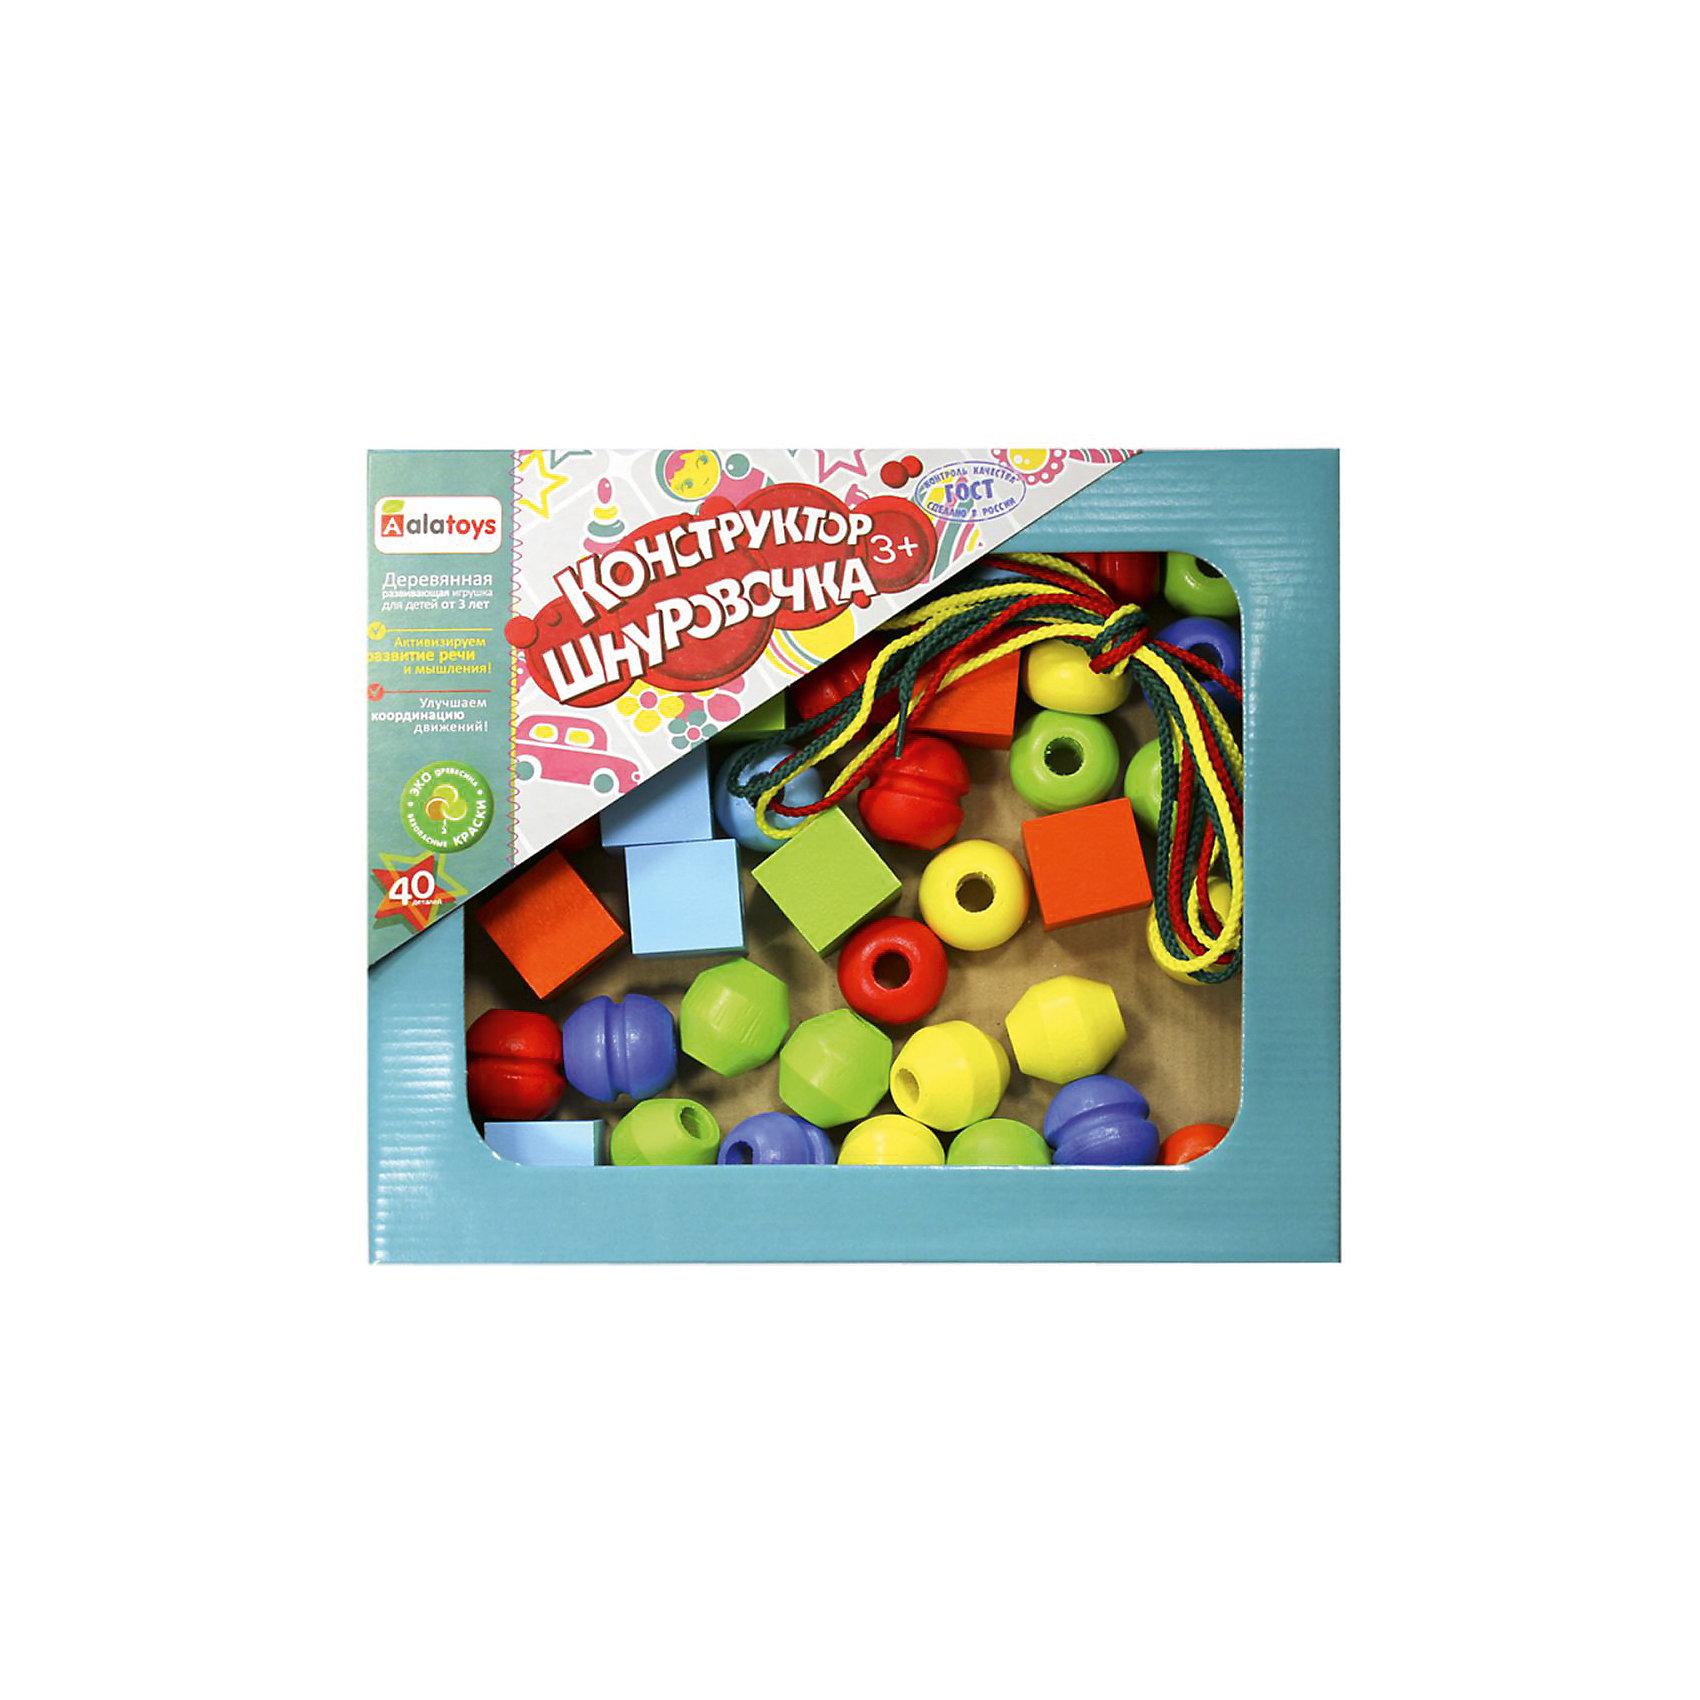 Деревянный конструктор Alatoys Шнуровочка, 20 деталейДеревянные конструкторы<br>Характеристики:<br><br>• возраст: от 3 лет<br>• комплектация: 3 разноцветных шнура, 20 деталей<br>• материал: древесина (береза)<br>• упаковка: картонная коробка блистерного типа<br>• размер упаковки: 22х26х5 см.<br>• вес: 390 гр.<br><br>Конструктор «Шнуровочка» - прекрасное решение для развития ребенка с самого раннего возраста. Деревянные фигурки для нанизывания на шнурки, выполненные в виде геометрических фигур, развивают у малыша моторику и воображение. Играя с конструктором, ребенок будет не только изучать фигурки различной формы, но и познакомится с цветами.<br><br>Элементы конструктора изготовлены из цельной древесины березы, тщательно отшлифованы, покрыты нетоксичными акриловыми красками, безопасными для здоровья малыша. Мелкие детали отсутствуют. Конструктор не потеряет привлекательный вид, даже если играть с ним каждый день.<br><br>Конструктор ALATOYS КШН2001 Шнуровочка 20 деталей можно купить в нашем интернет-магазине.<br><br>Ширина мм: 220<br>Глубина мм: 260<br>Высота мм: 50<br>Вес г: 390<br>Возраст от месяцев: 36<br>Возраст до месяцев: 2147483647<br>Пол: Унисекс<br>Возраст: Детский<br>SKU: 7140541